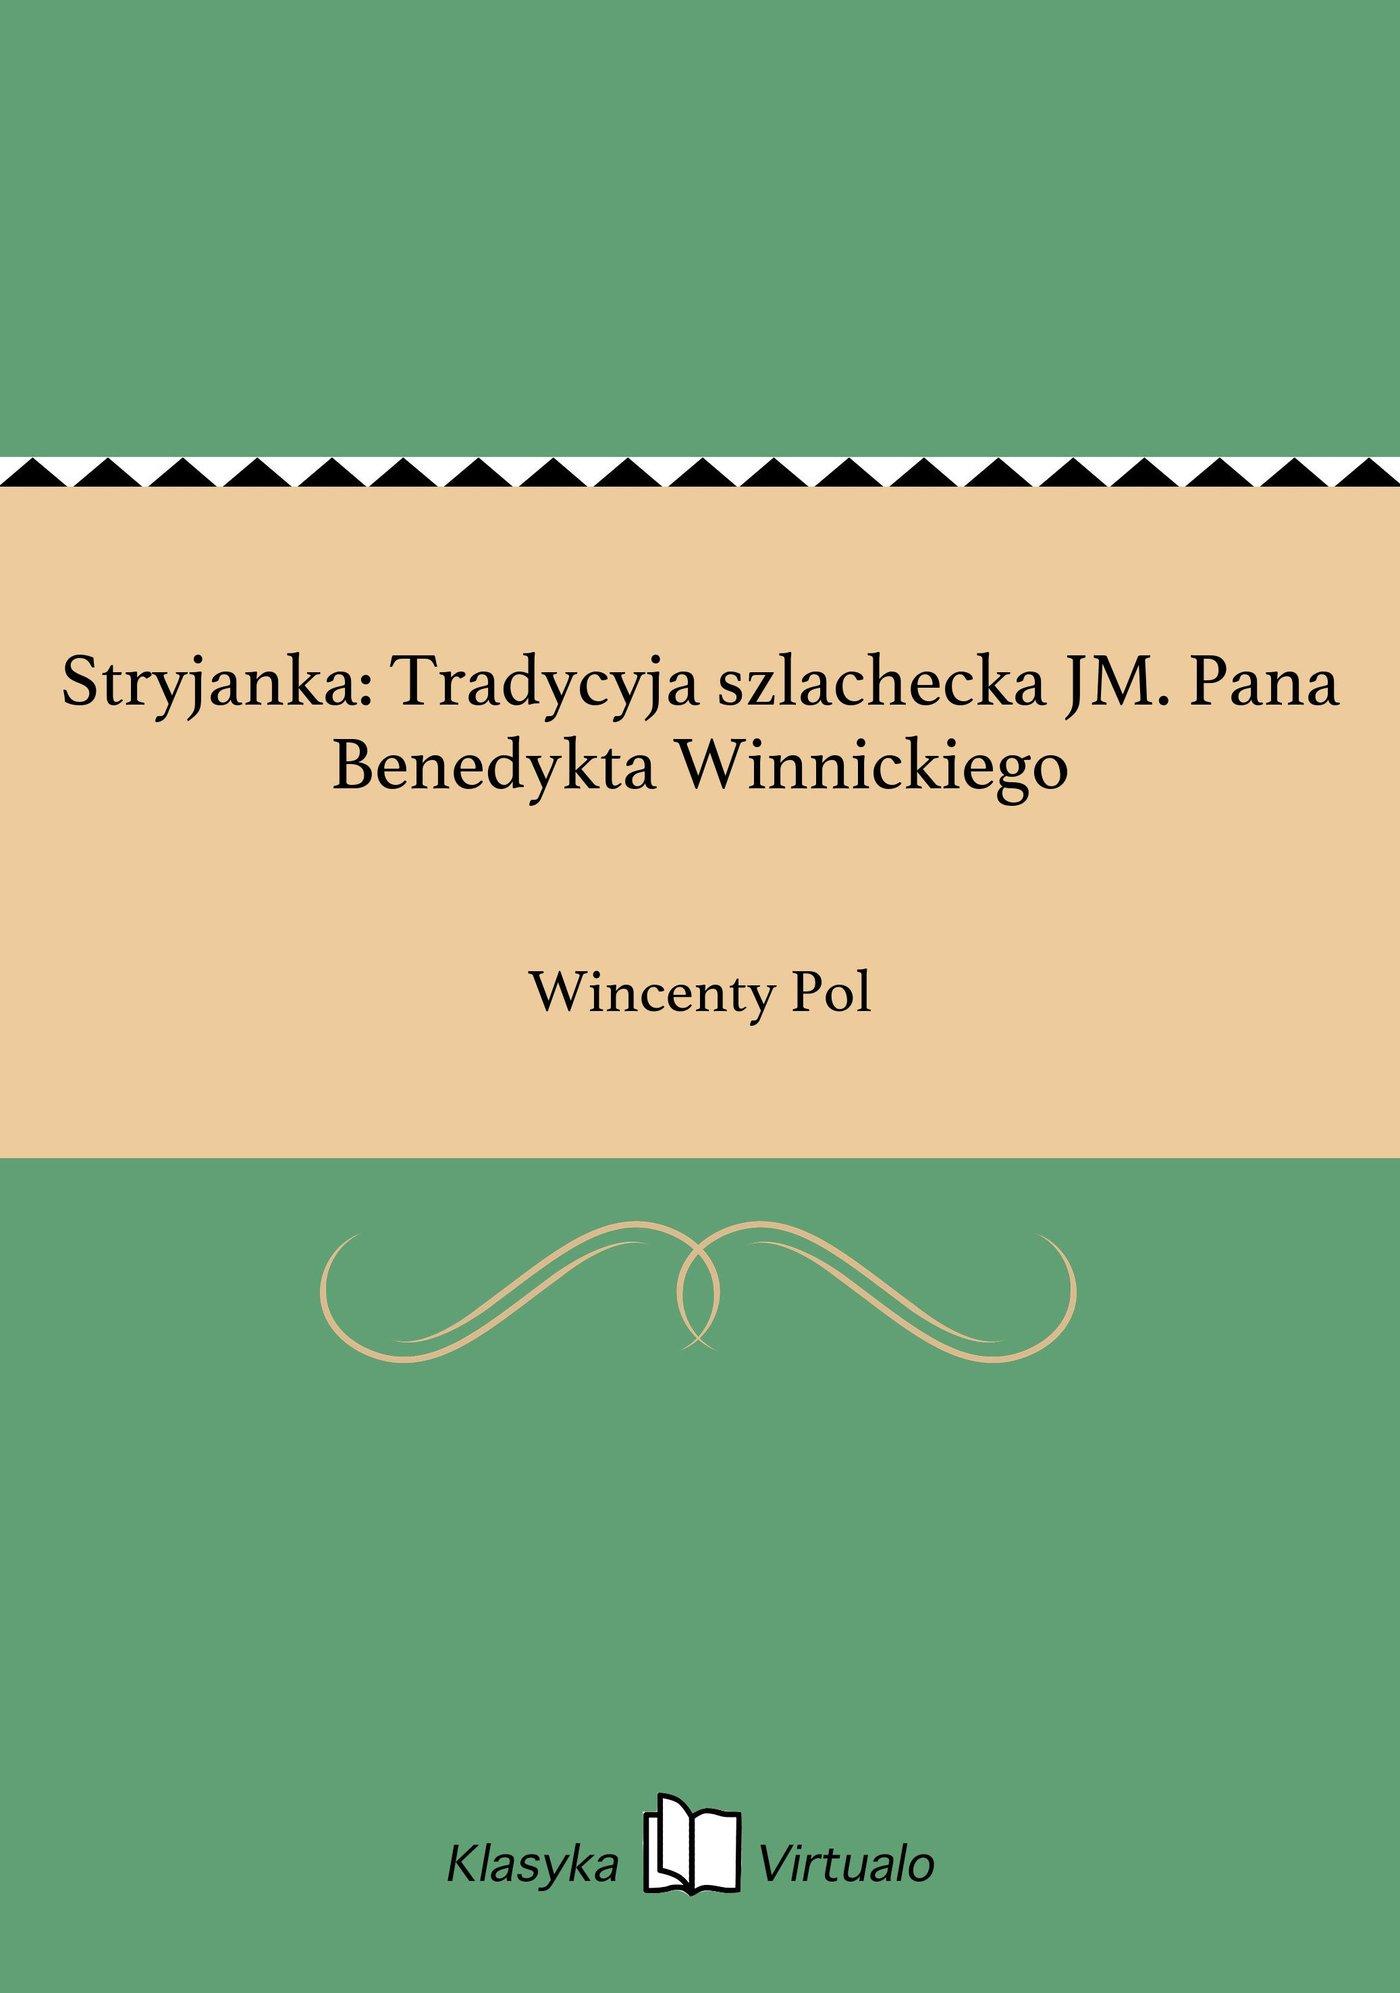 Stryjanka: Tradycyja szlachecka JM. Pana Benedykta Winnickiego - Ebook (Książka na Kindle) do pobrania w formacie MOBI